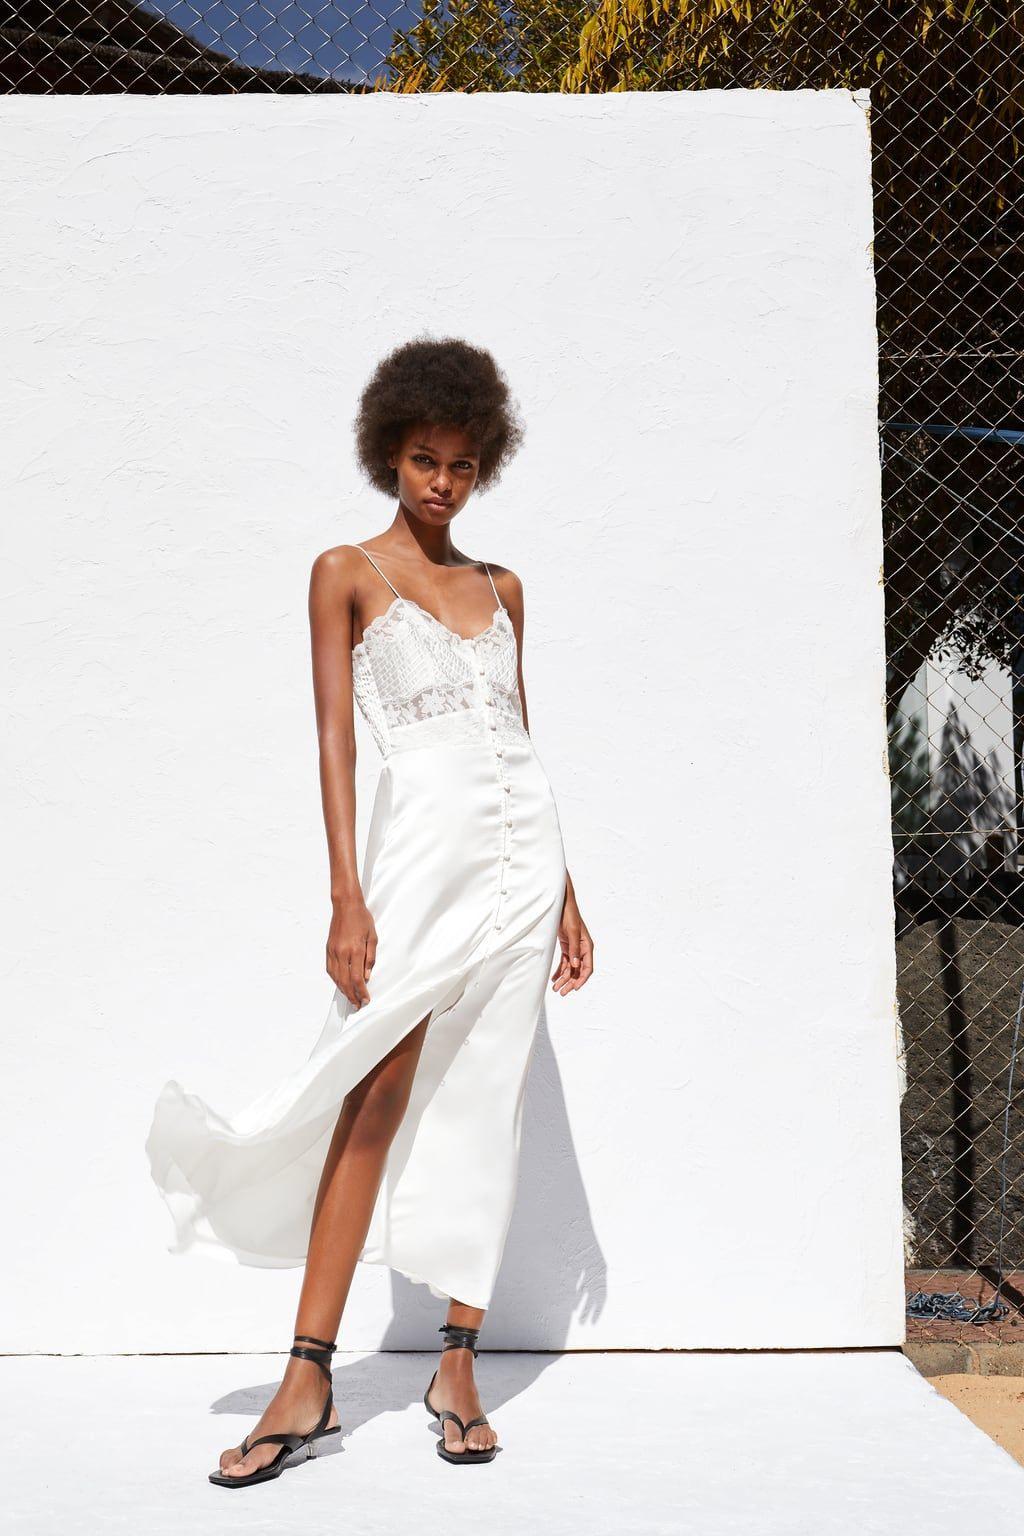 15 Schön Abendkleid Von Zara SpezialgebietAbend Erstaunlich Abendkleid Von Zara Design